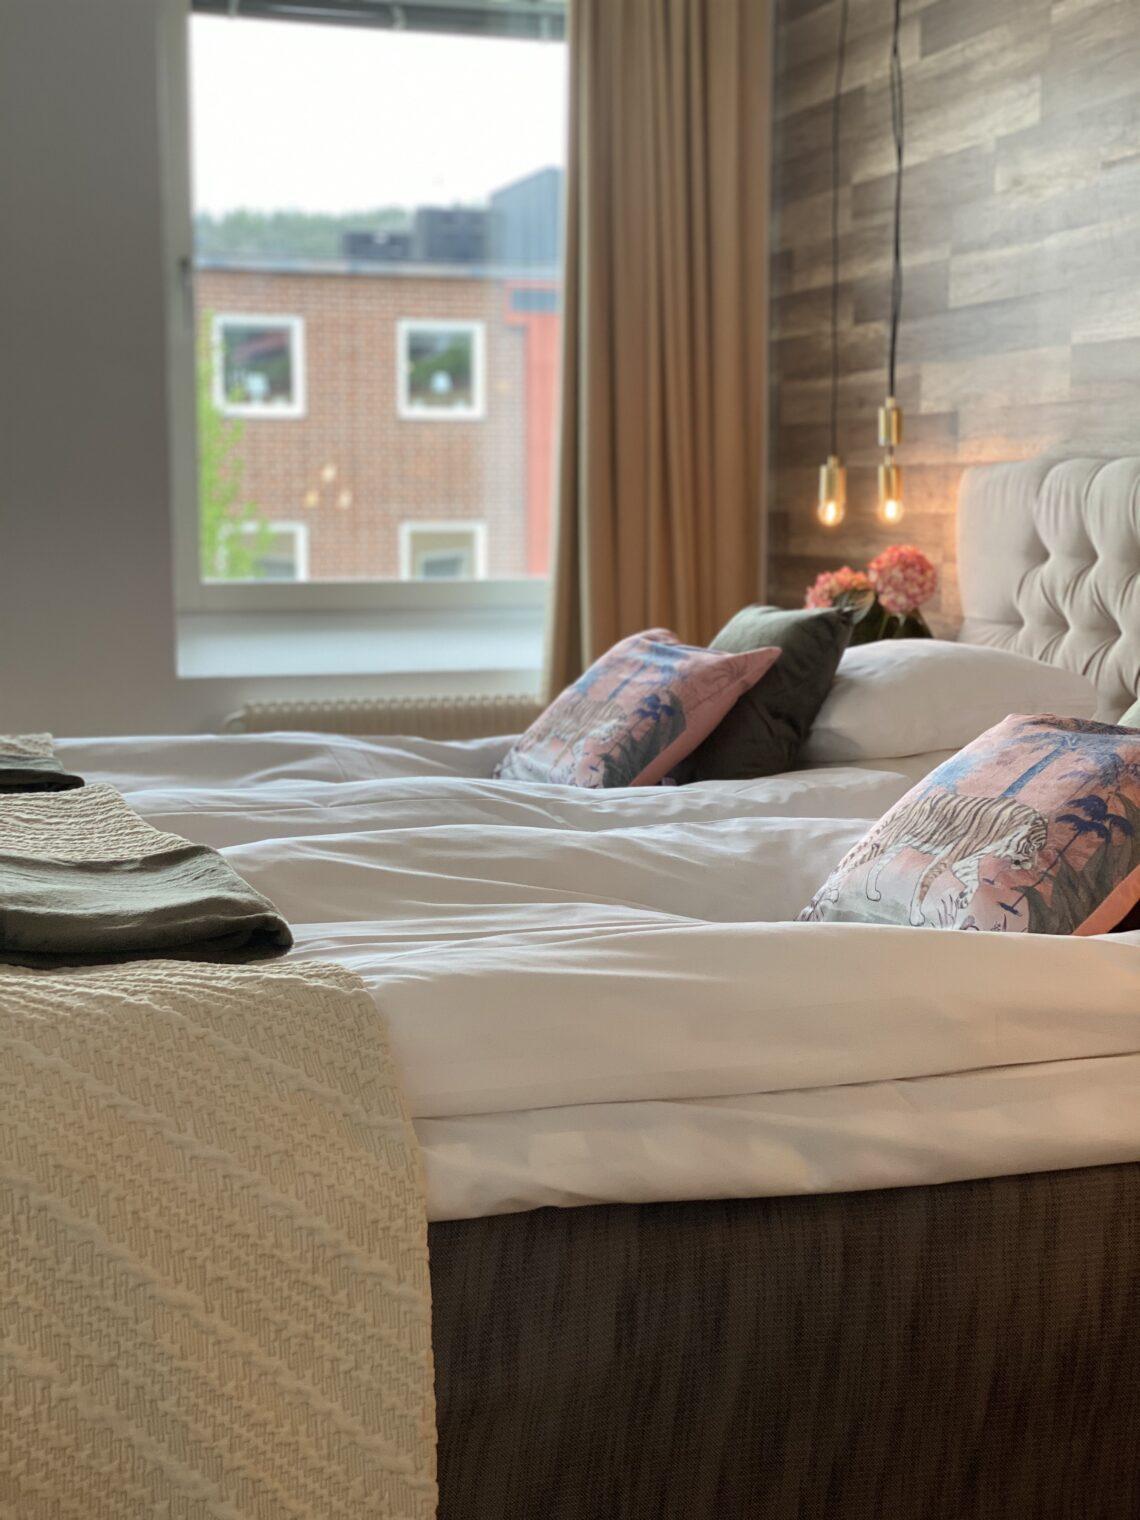 sviten på Strand City hotell i Örnsköldsvik